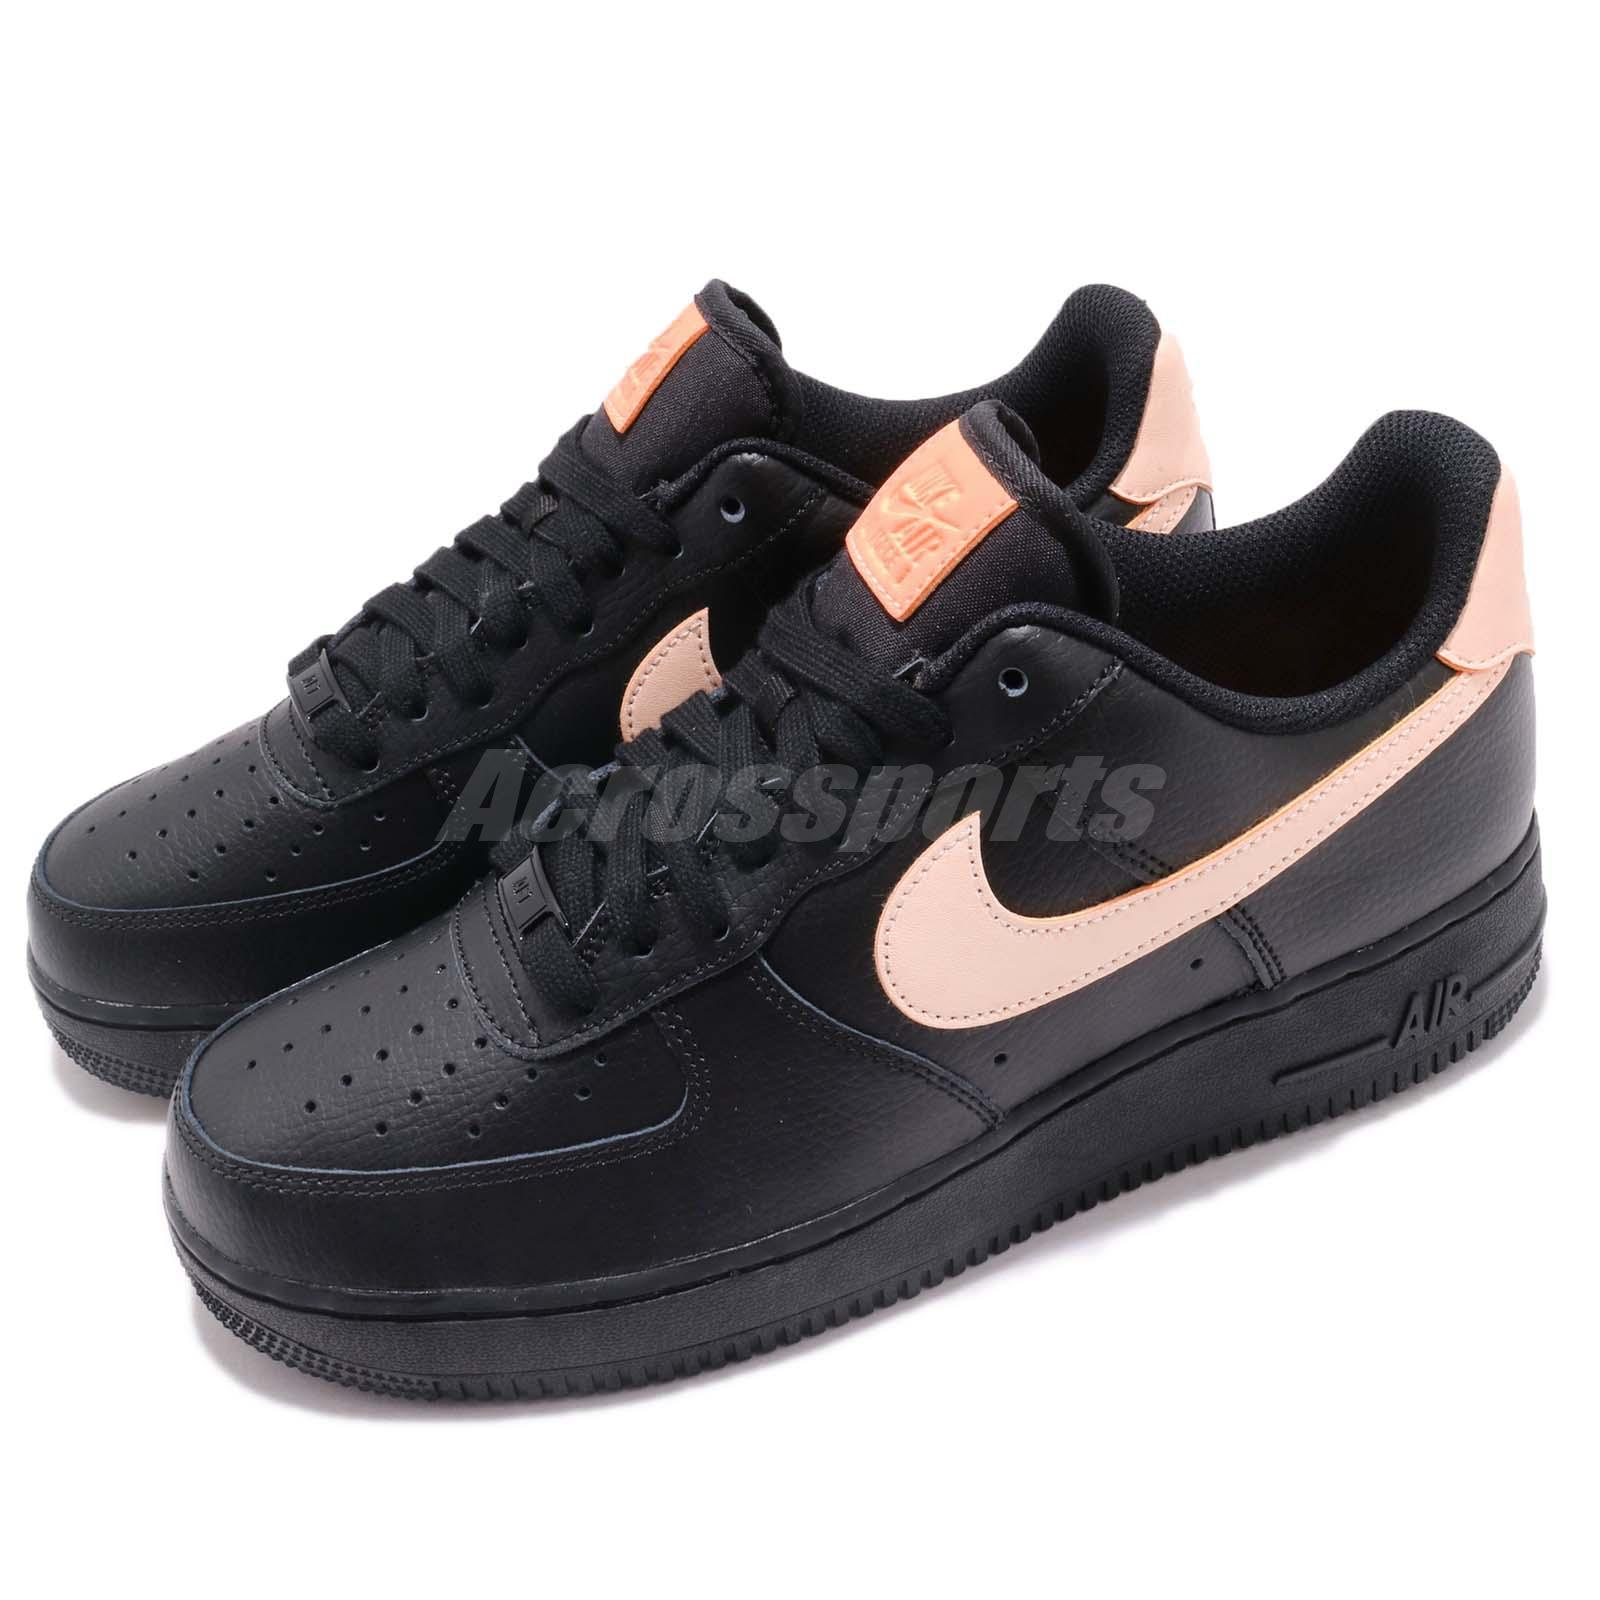 size 40 7b75d db158 Details about Nike Wmns Air Force 1 07 LE AF1 Black Crimson Tint Women  Casual Shoes 315115-039